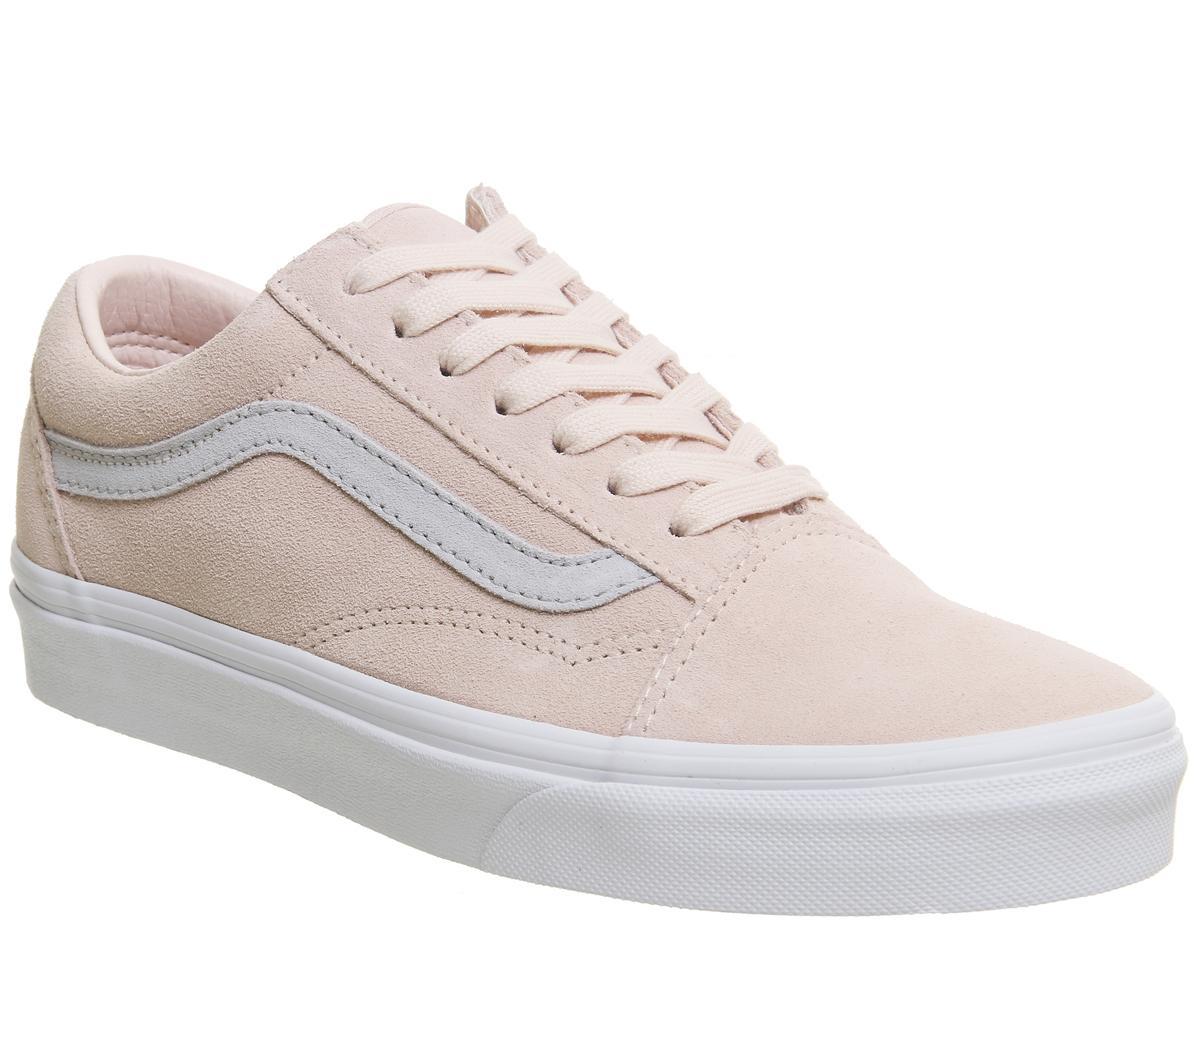 vans old skool pink or grey